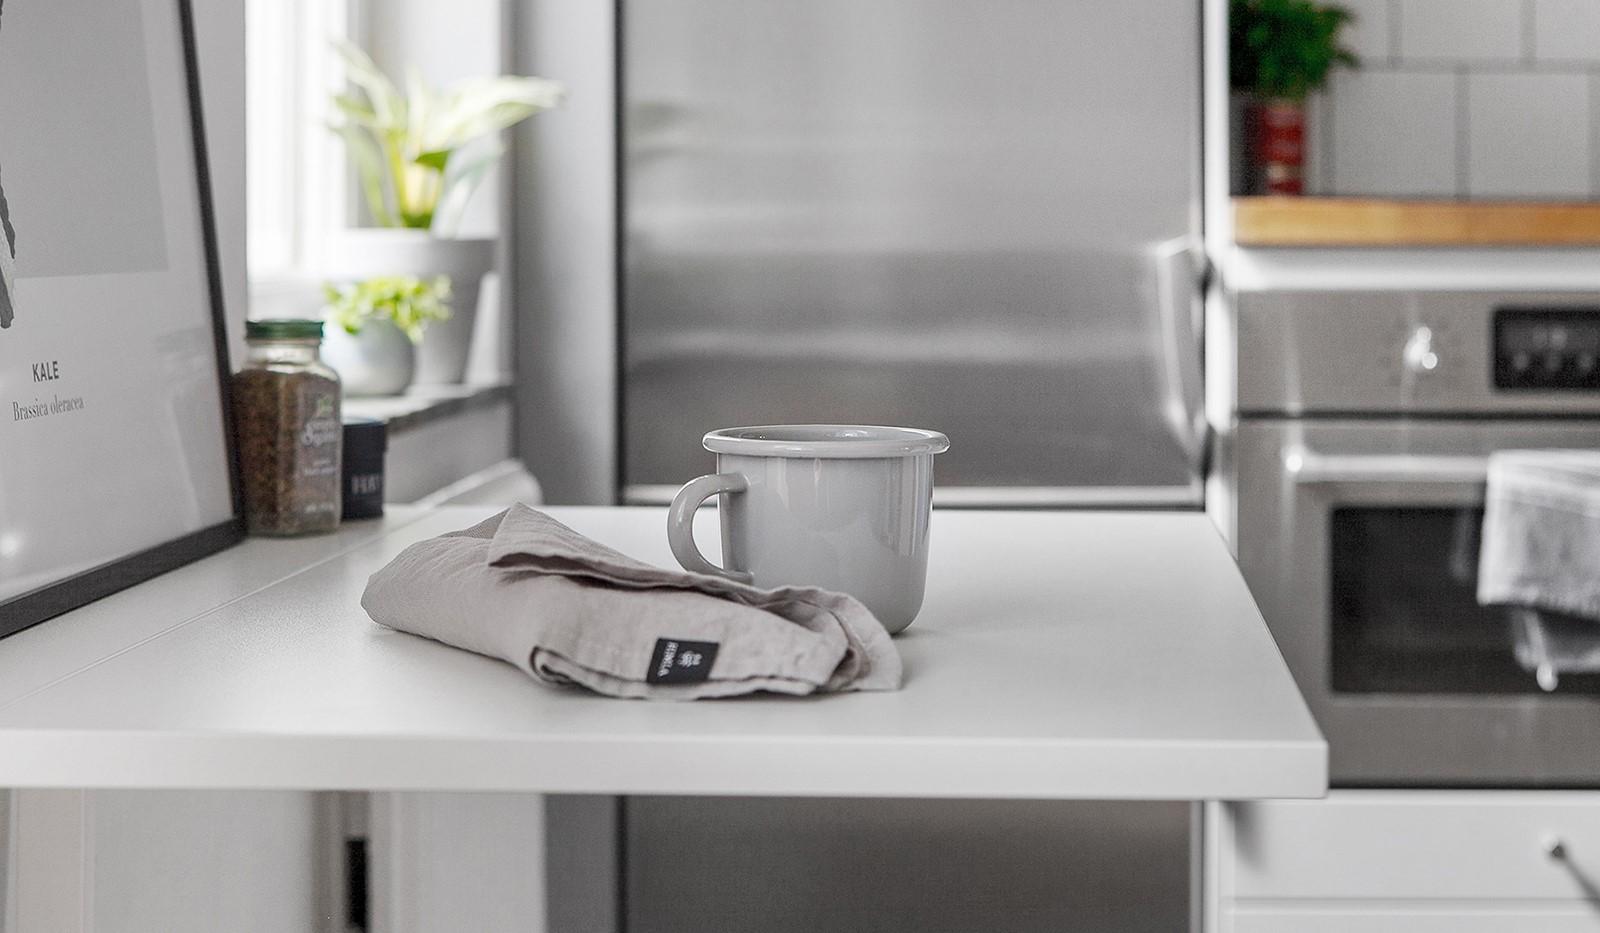 Kolbäcksgränd 28, 2 tr - I nuläget finns här ett smart väggmonterat och nedfällbart bord